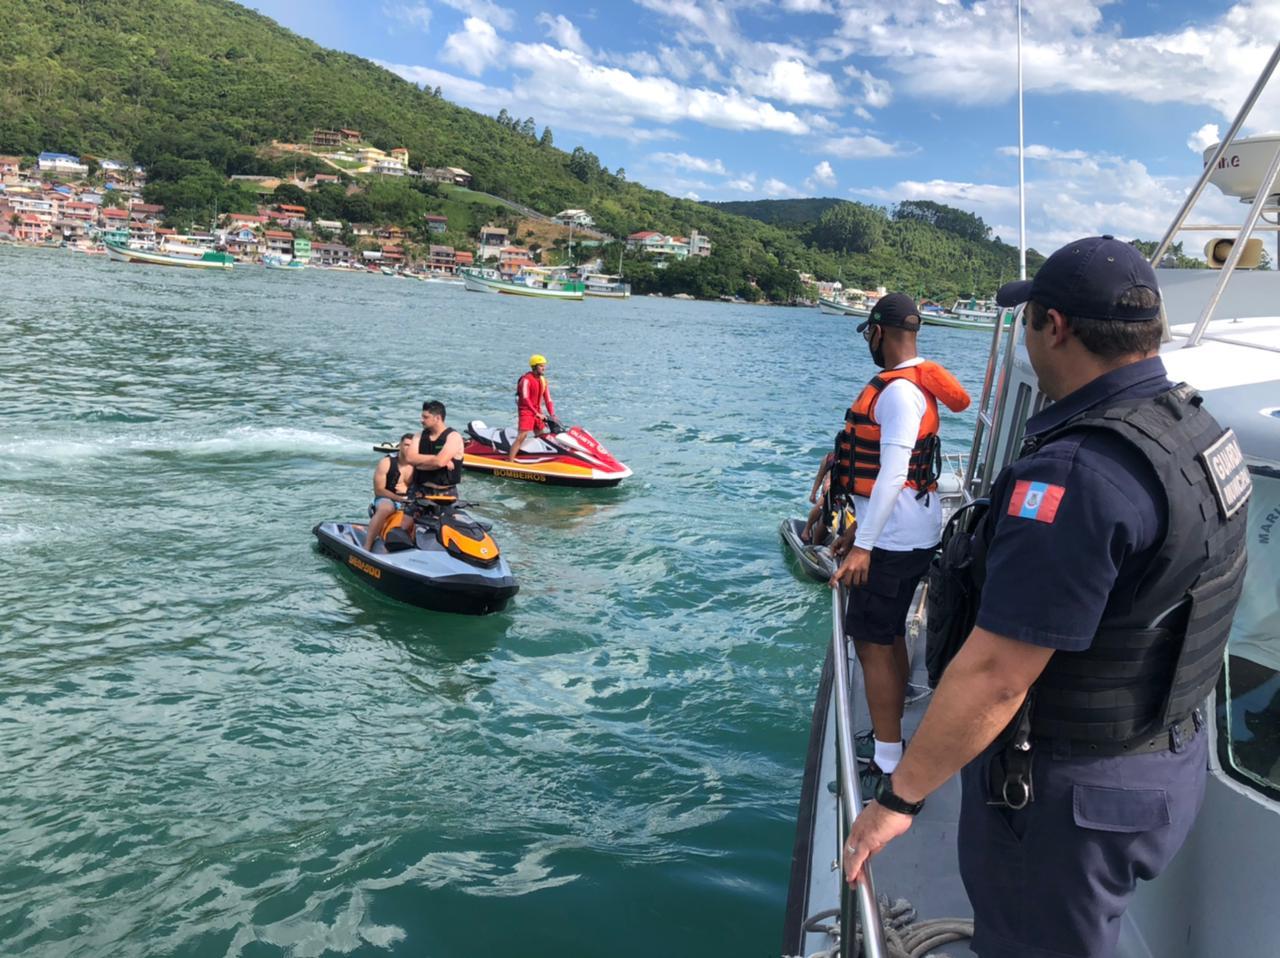 Operação teve a participação ainda de agentes da Polícia Civil de Itapema e Bombinhas - Polícia Civil/Divulgação